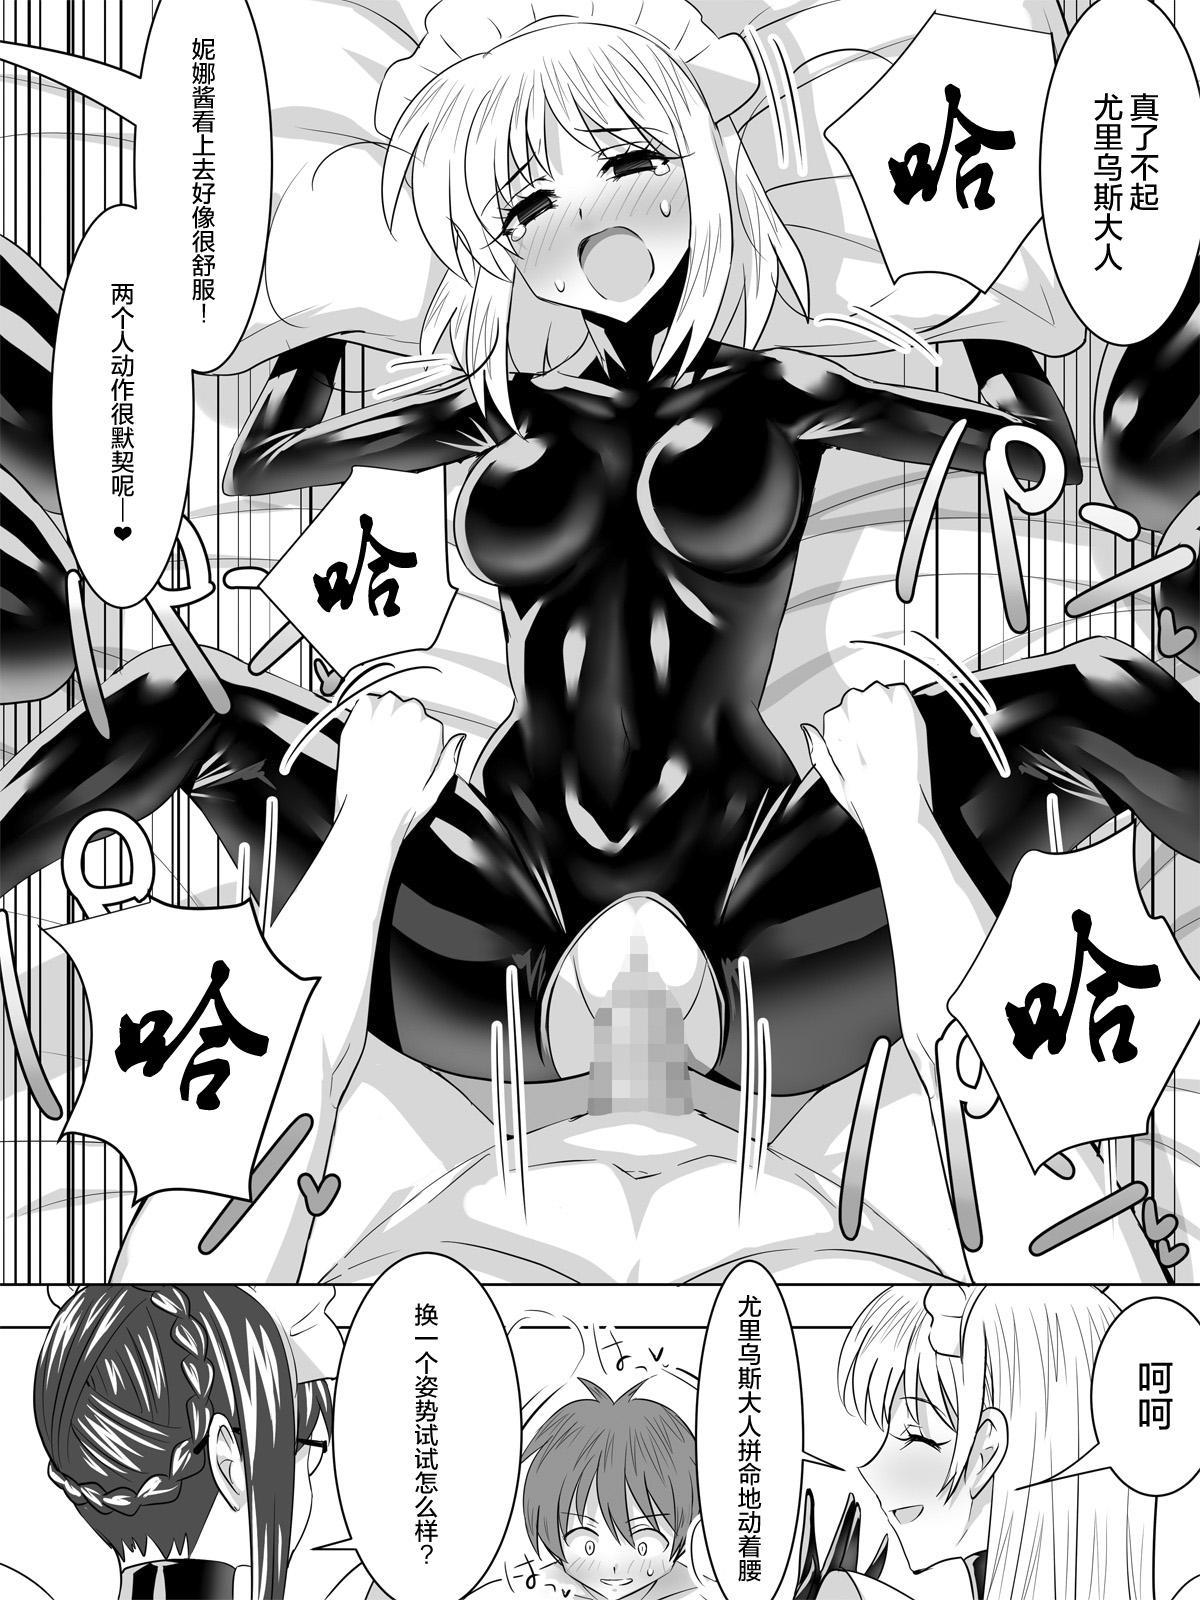 Picchiri Suit Maid to Doutei Kizoku 37